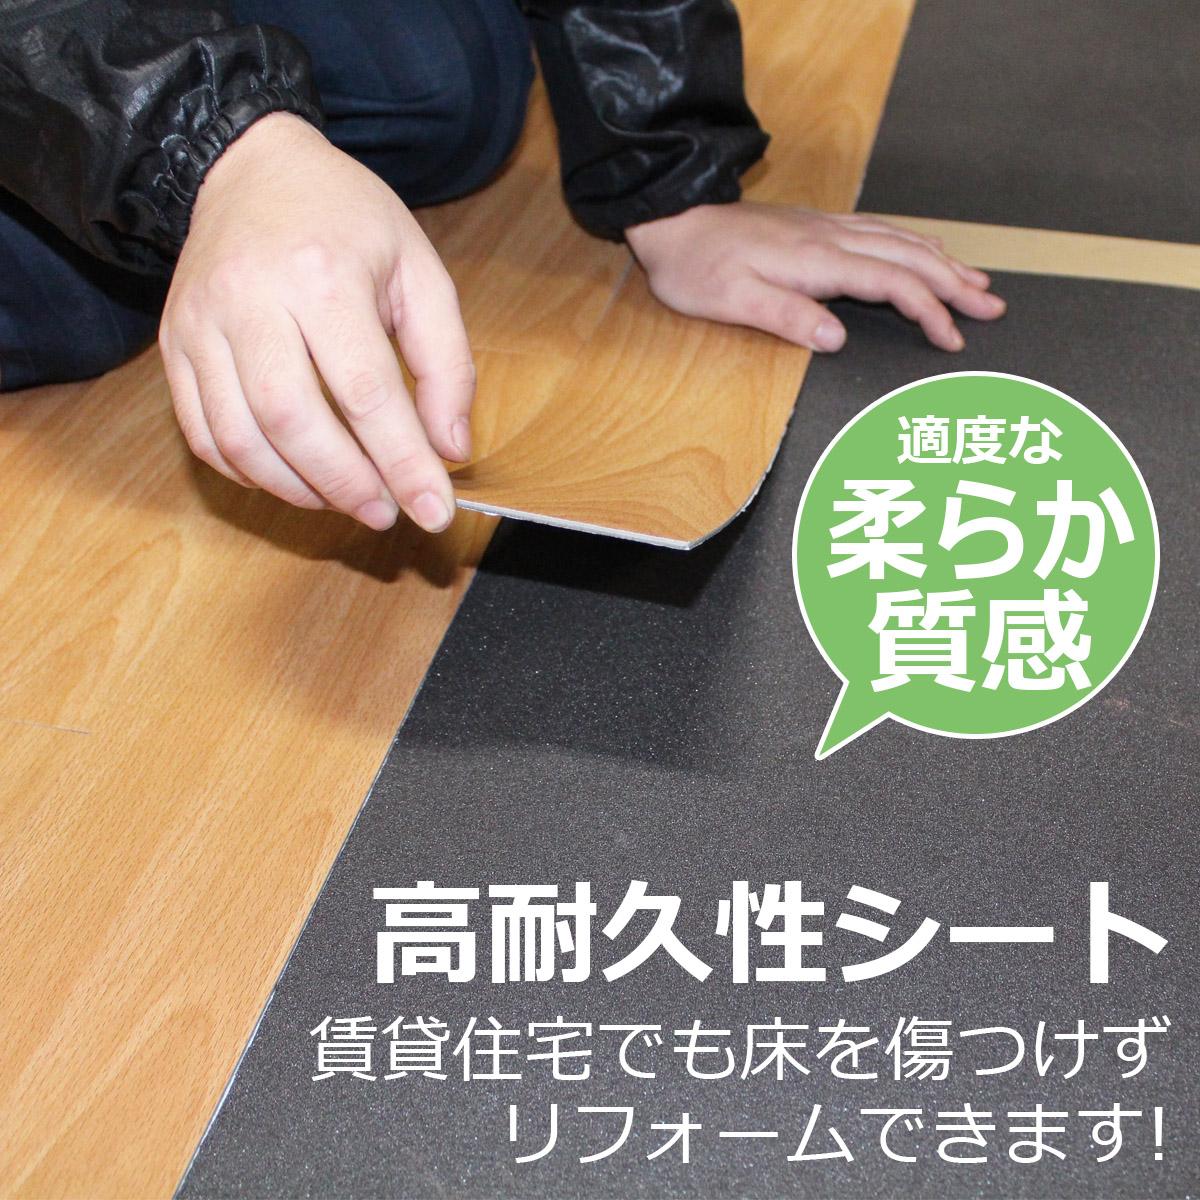 高耐久性シート 賃貸住宅でも床を傷つけずリフォームできます 適度な柔らか質感